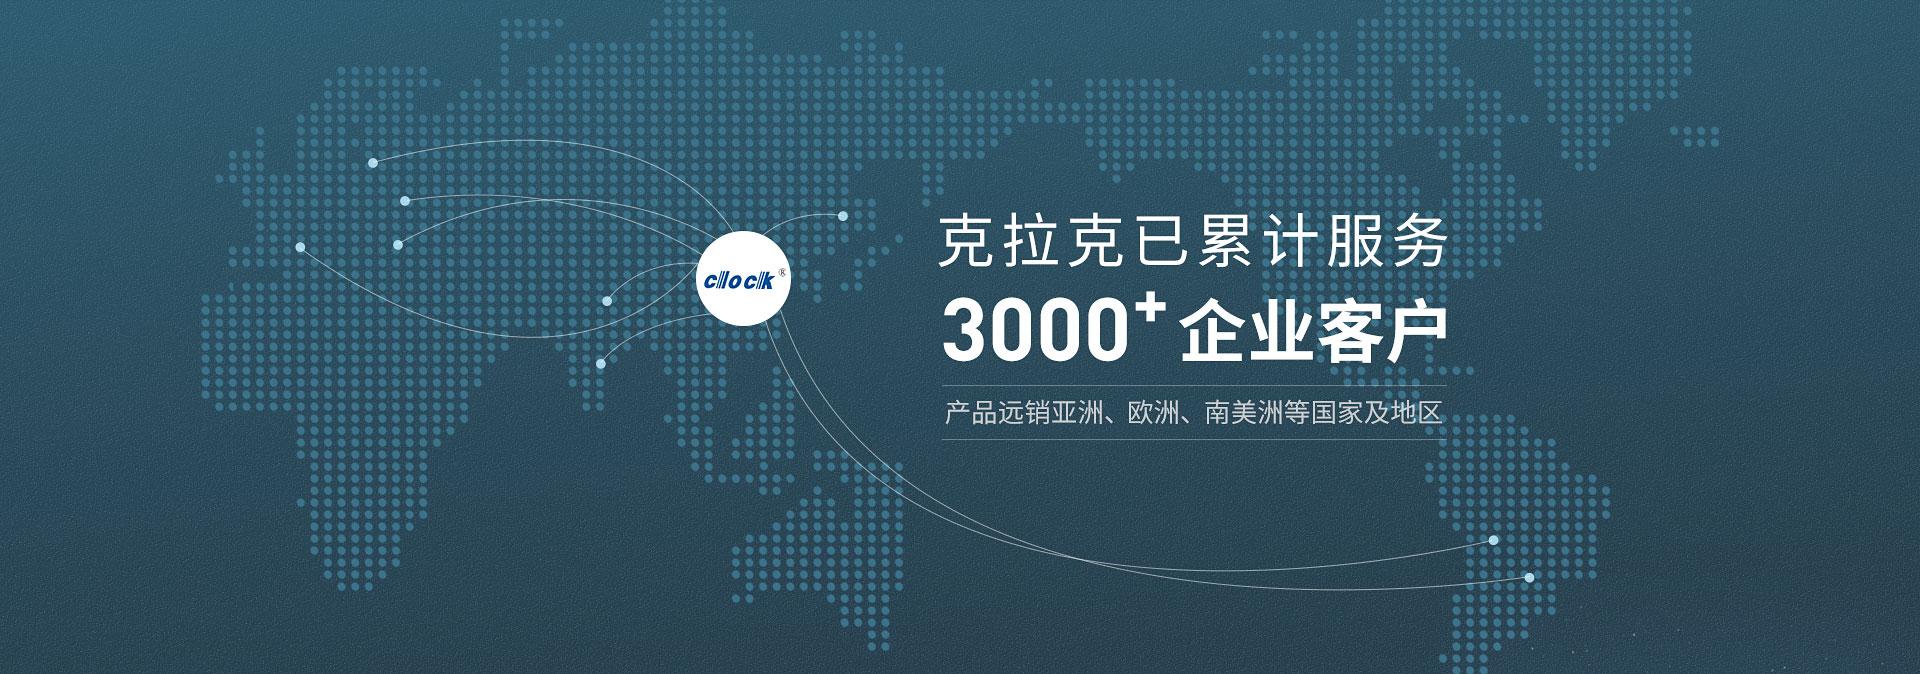 克拉克   已累计服务3000+企业客户 产品远销亚洲、欧洲、南美洲等国家及地区